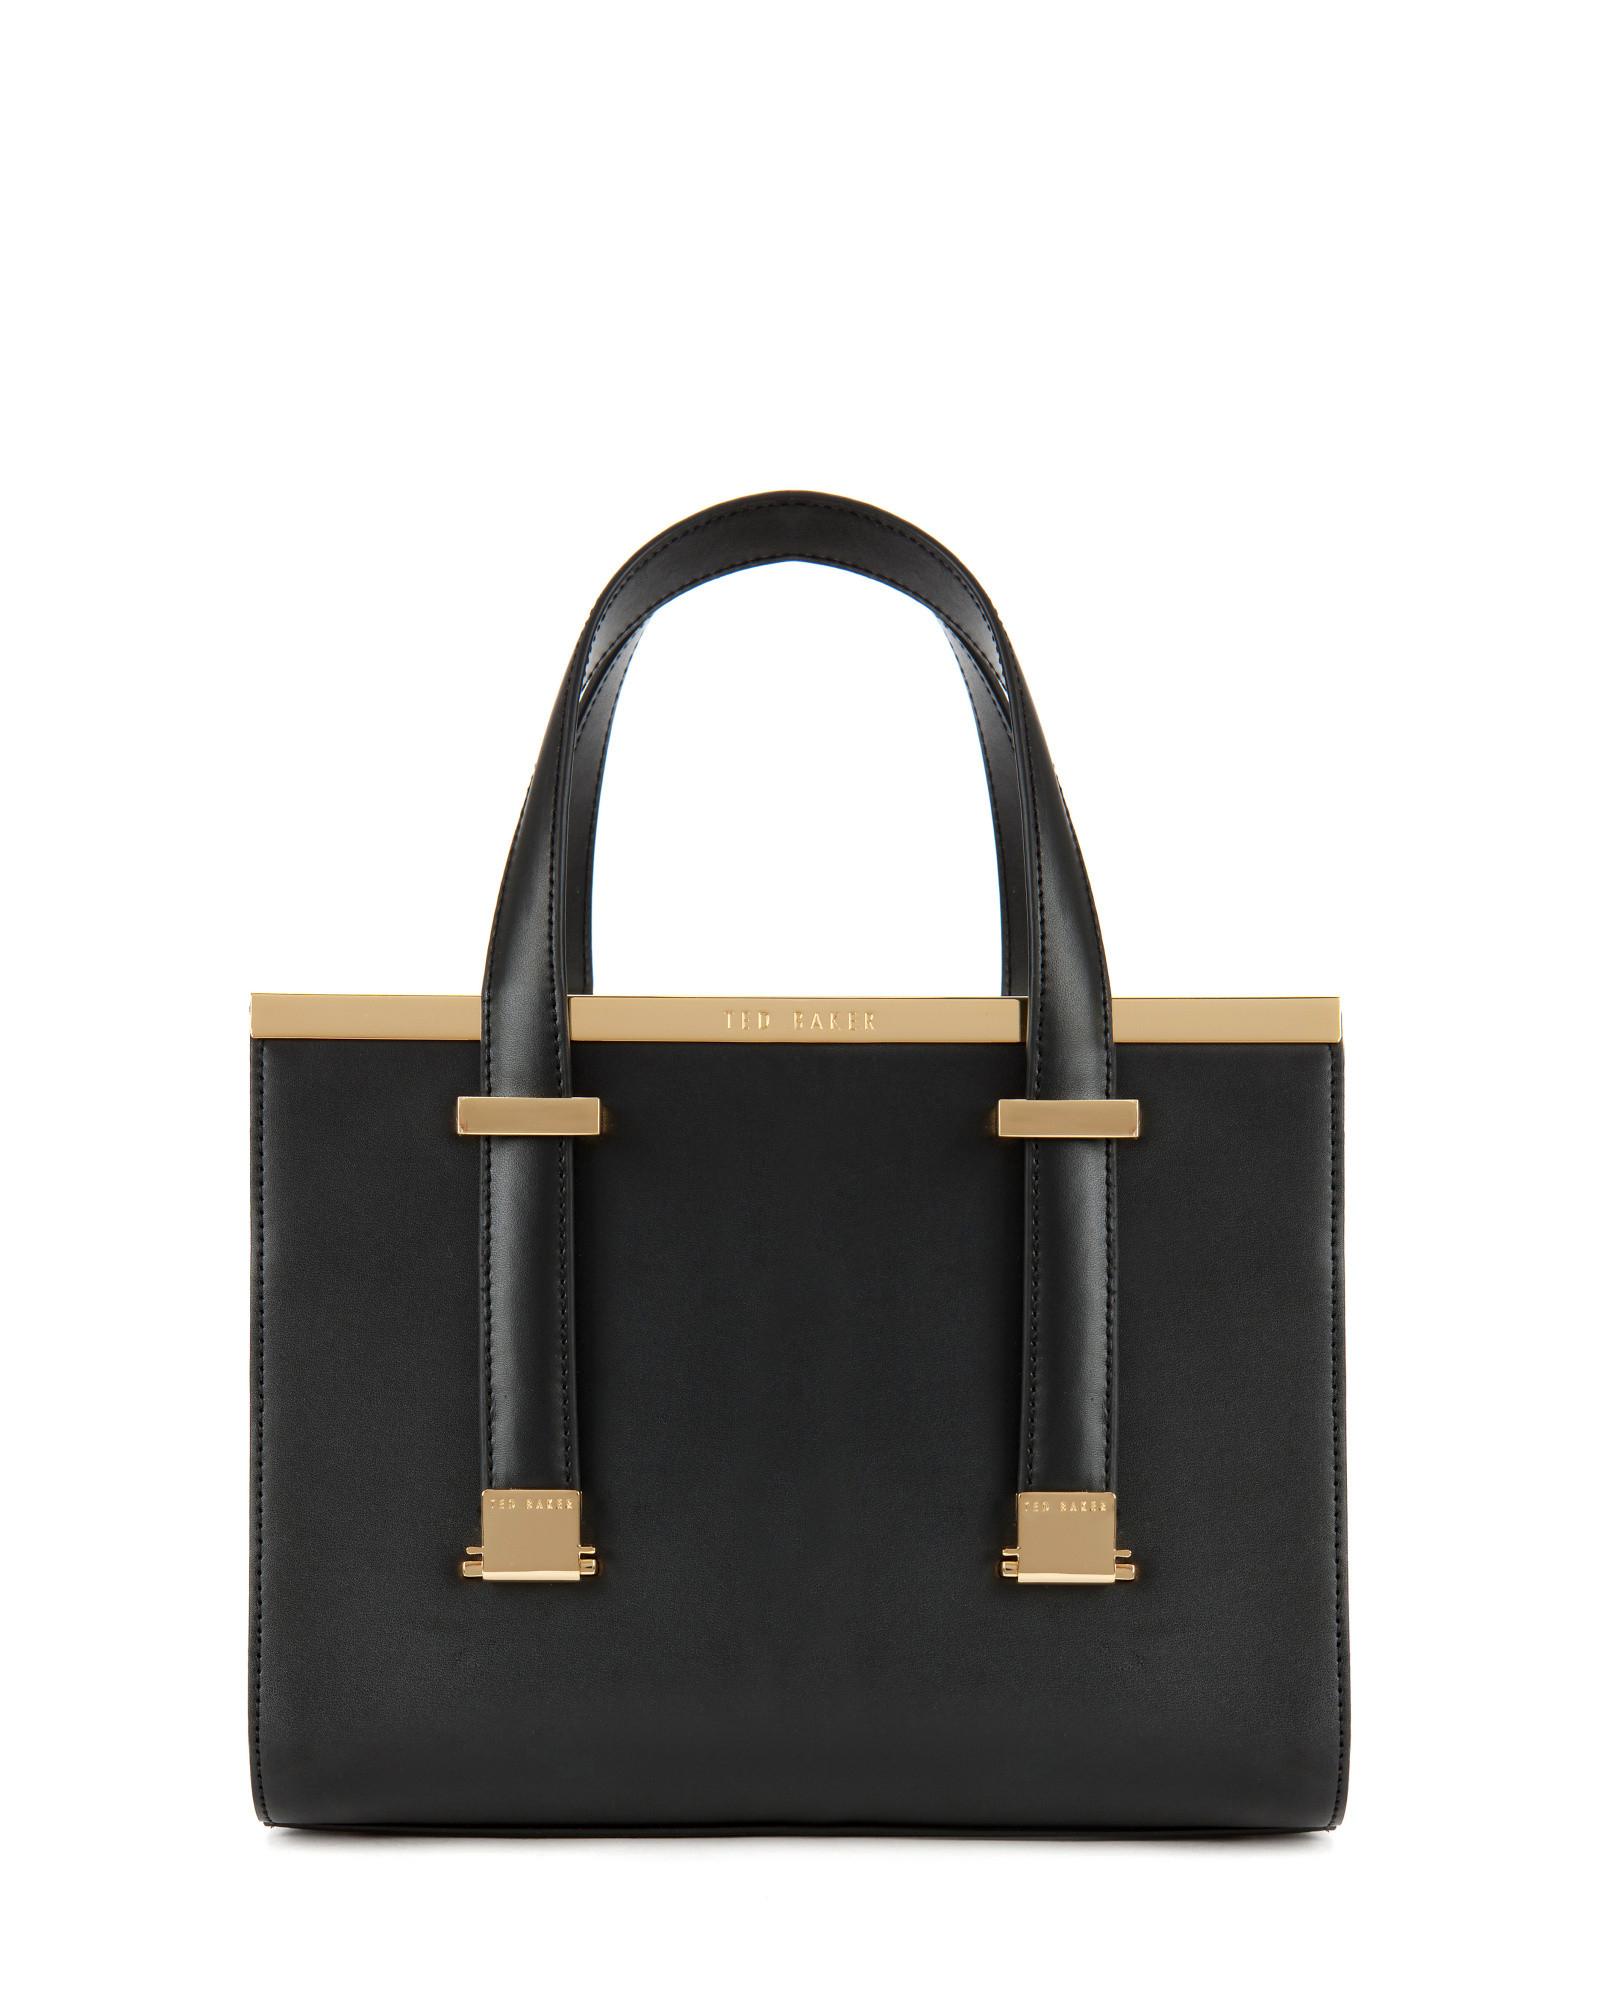 34dd94cc099cdb Lyst - Ted Baker Leather Metal Bar Tote Bag in Black